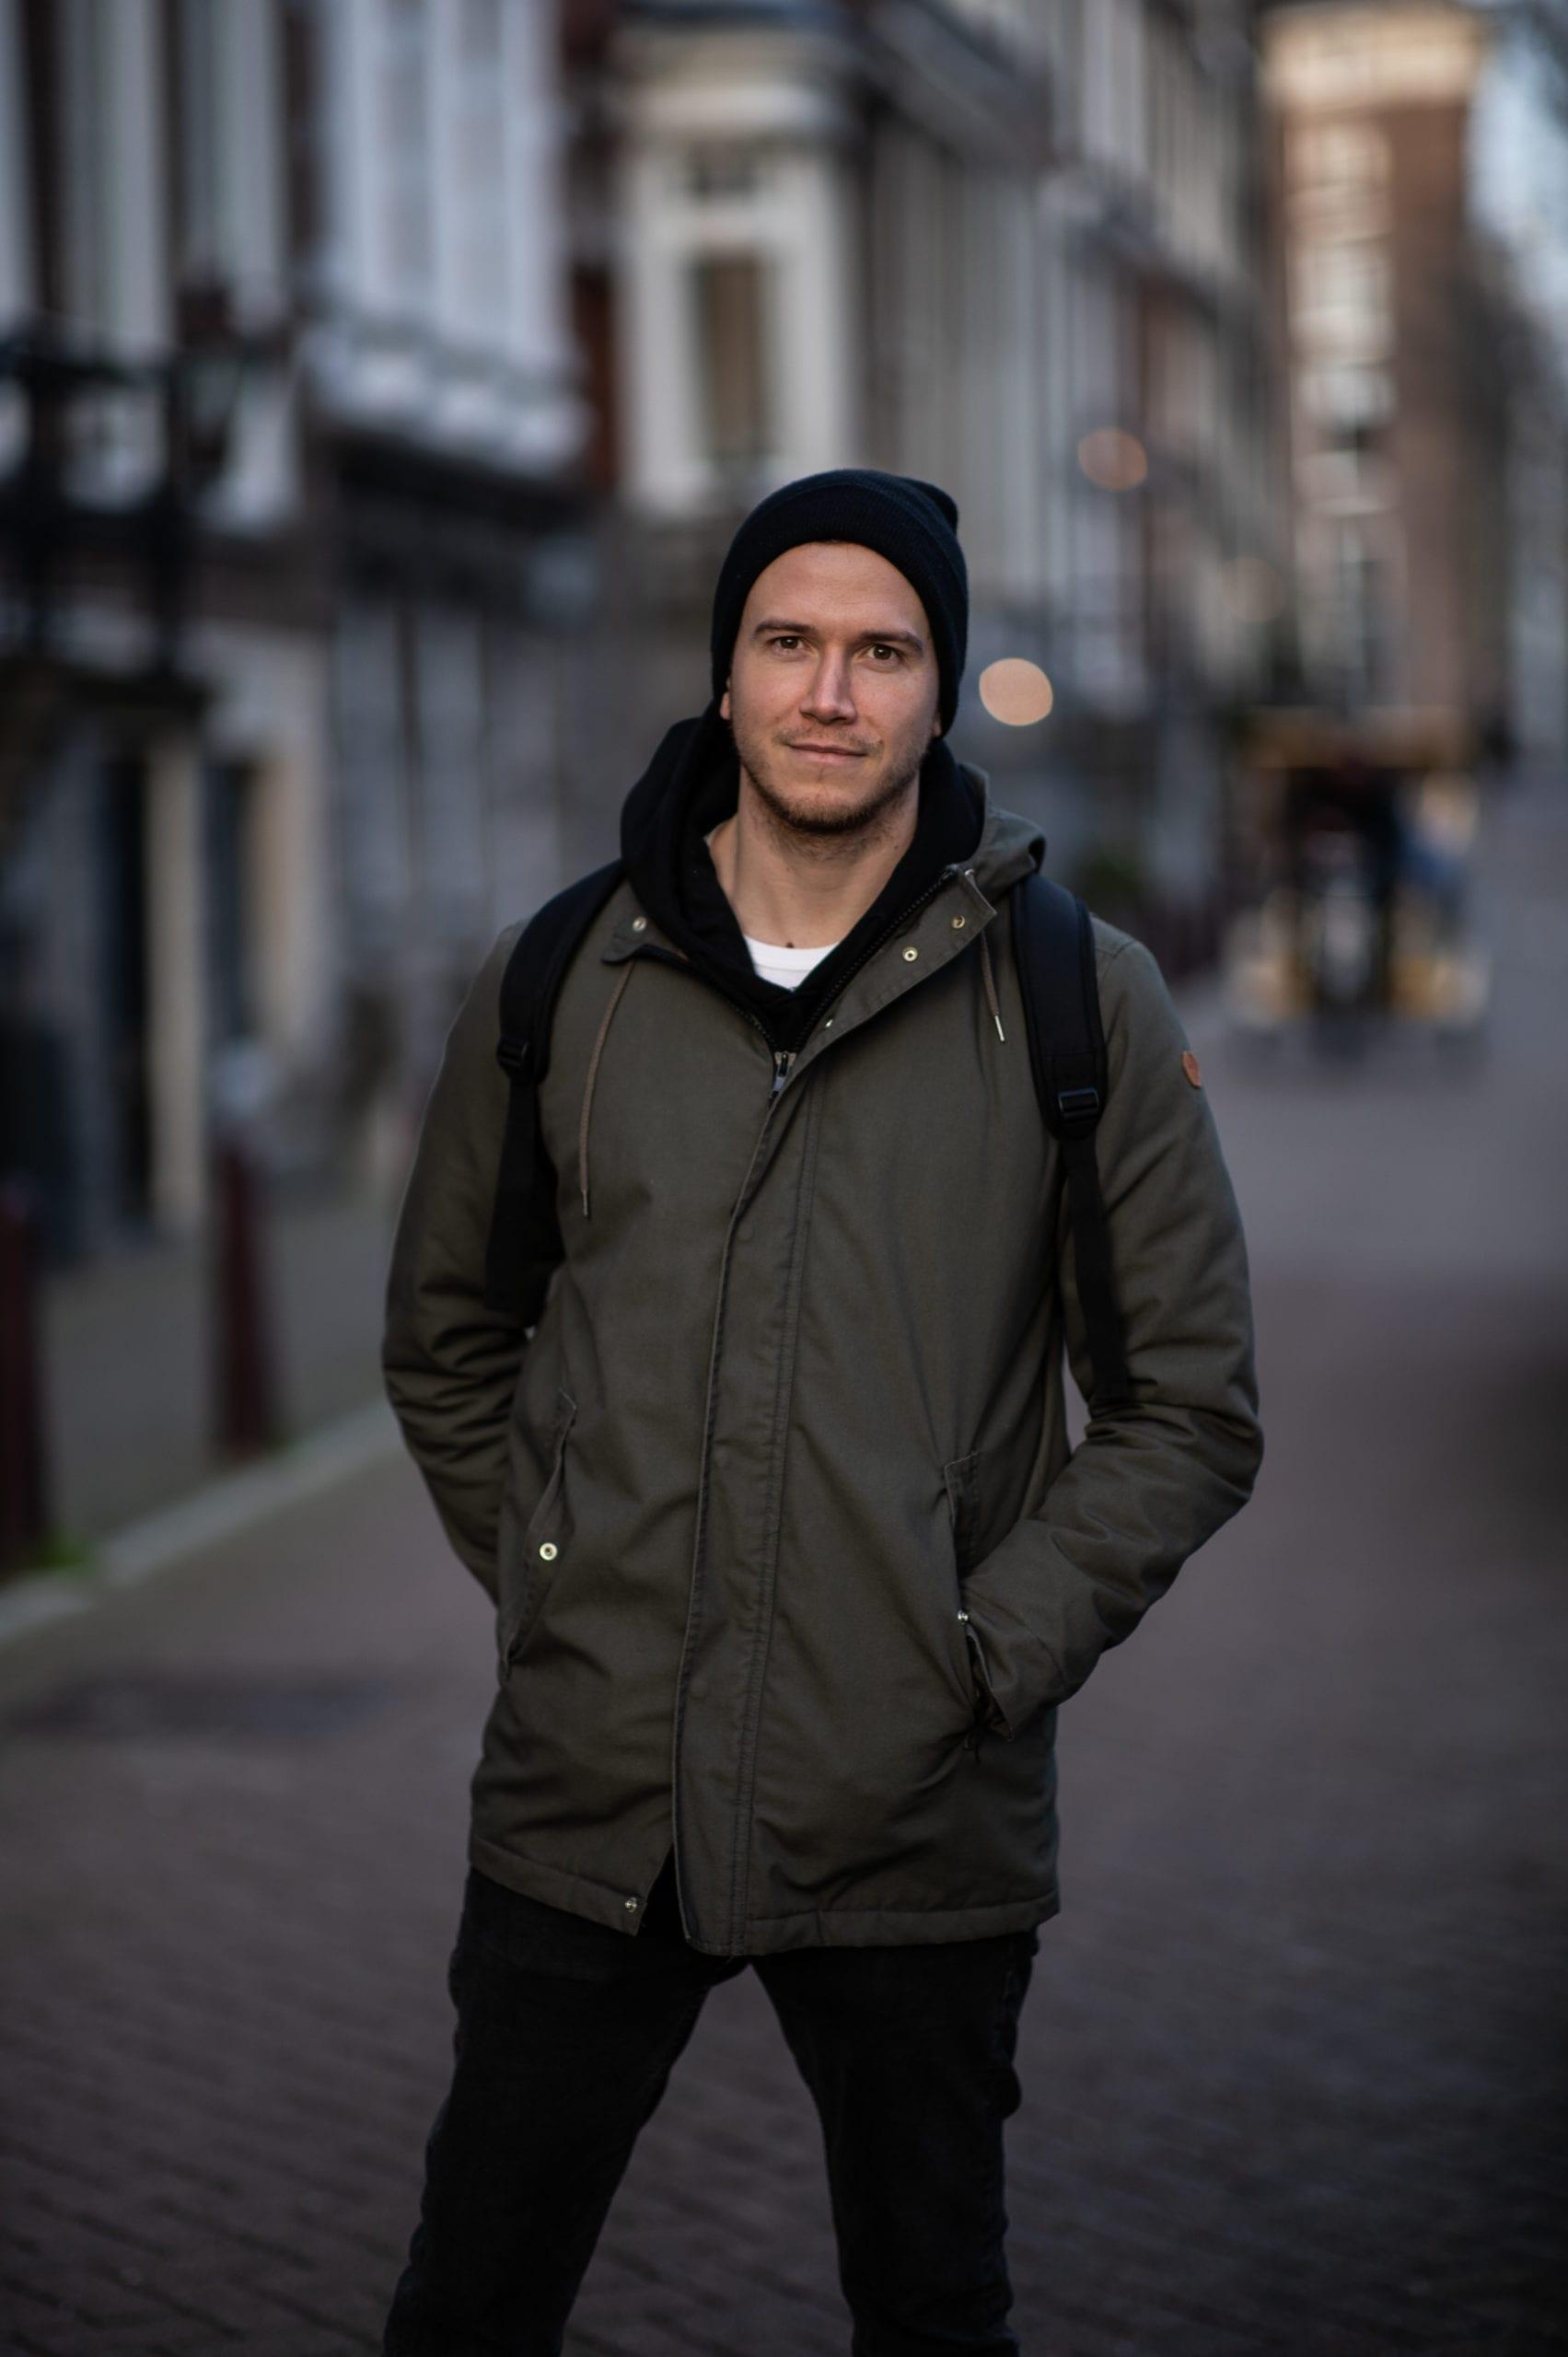 Jacob Pelle Nielsen